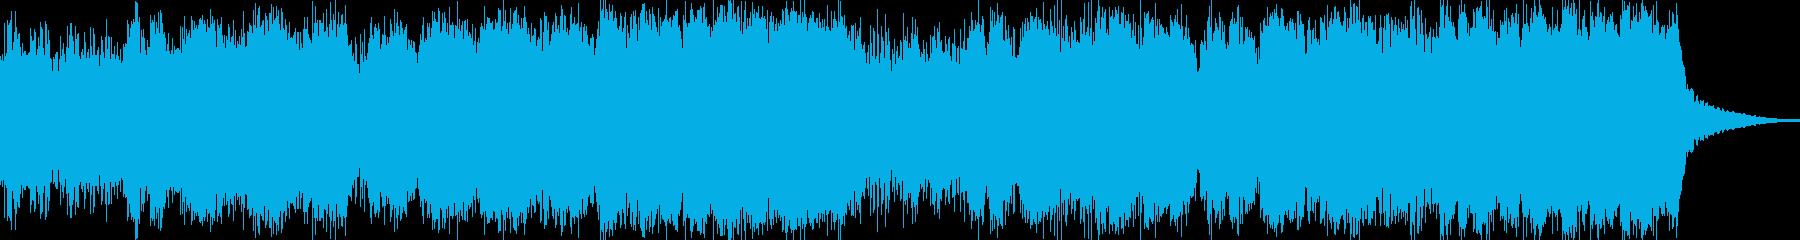 哀愁のある幻想曲でクワイアを多く使用の再生済みの波形